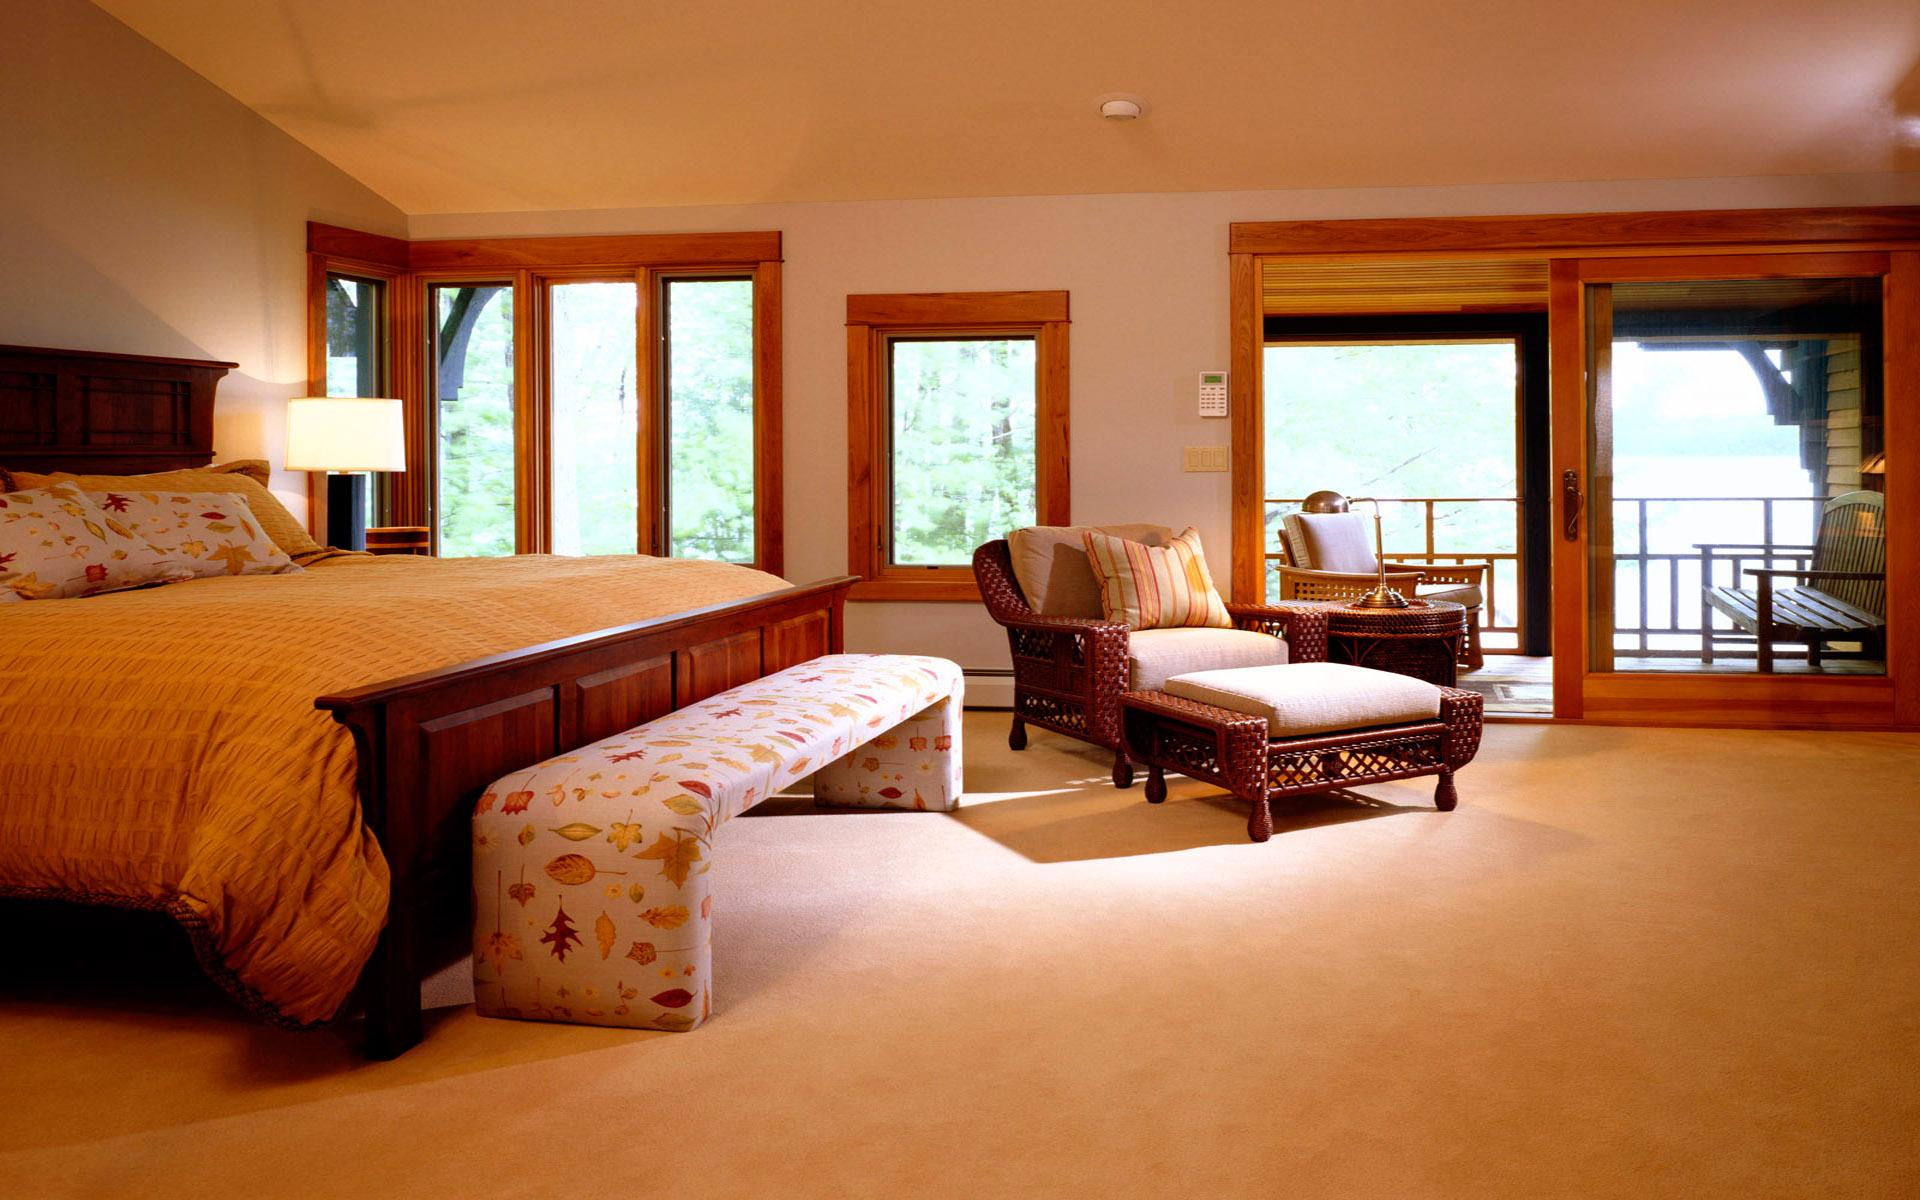 Бежево-коричневая просторная спальня